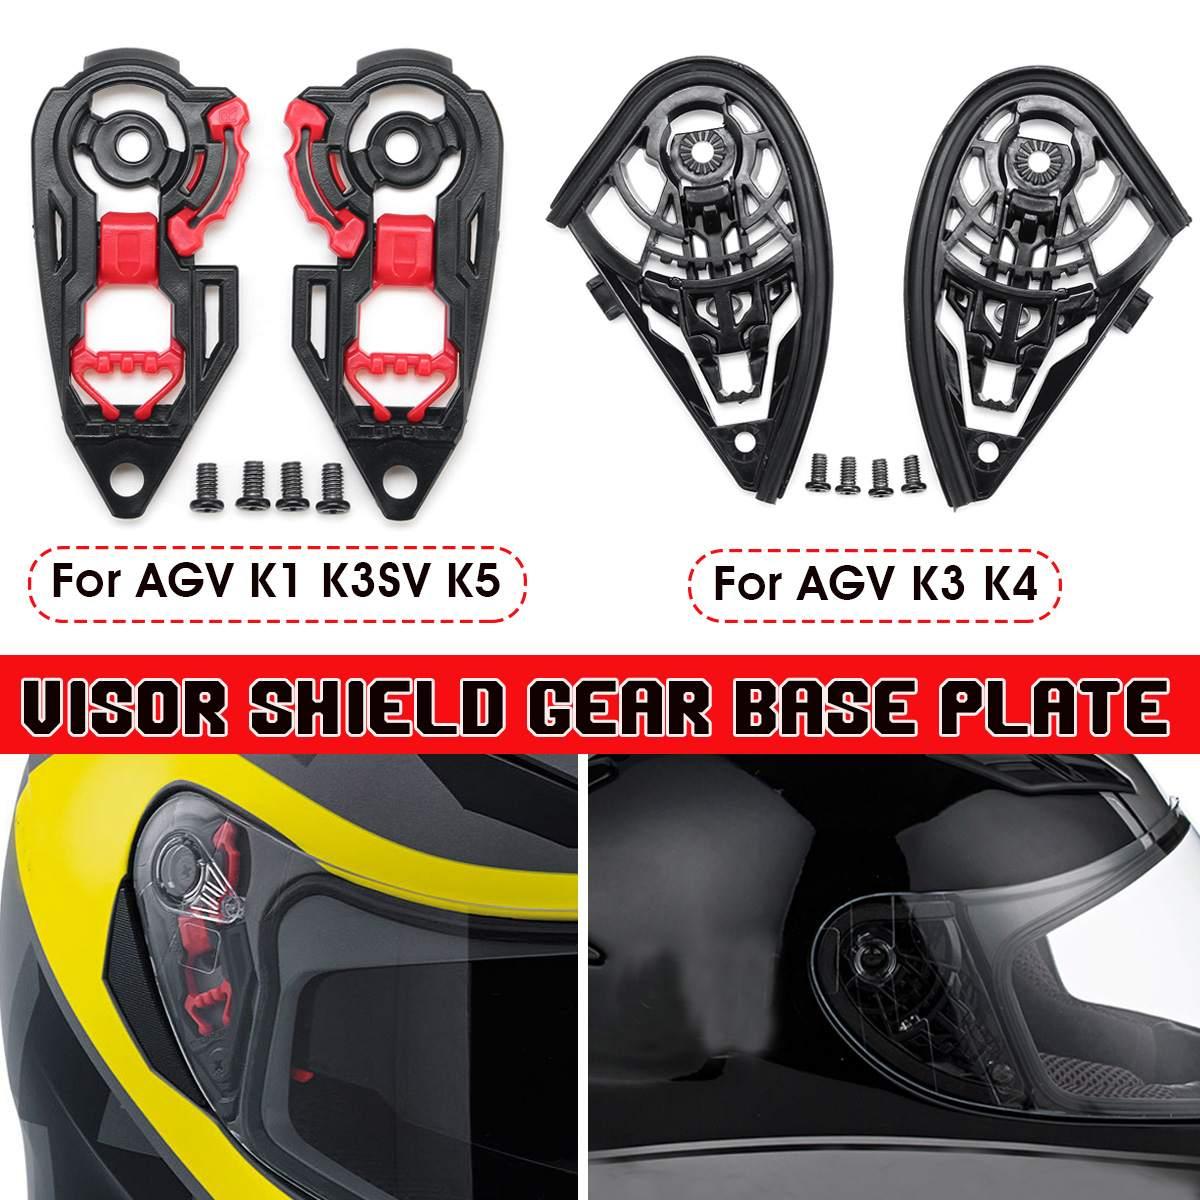 Мотоциклетный шлем козырек щит Шестерня Базовая пластина для AGV K1 K3SV K5/K3 K4